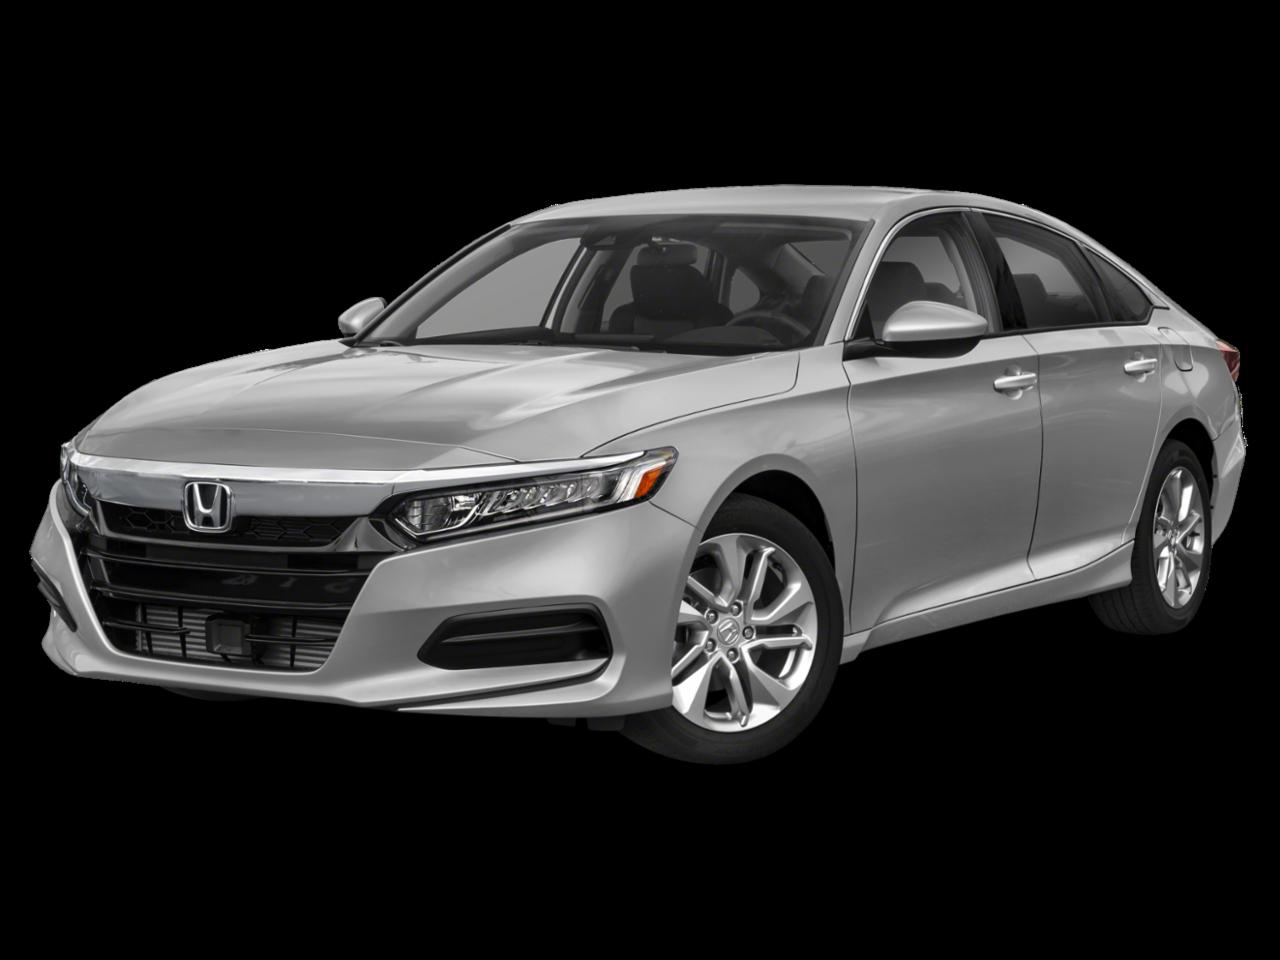 image-0 2020 Honda ACCORD